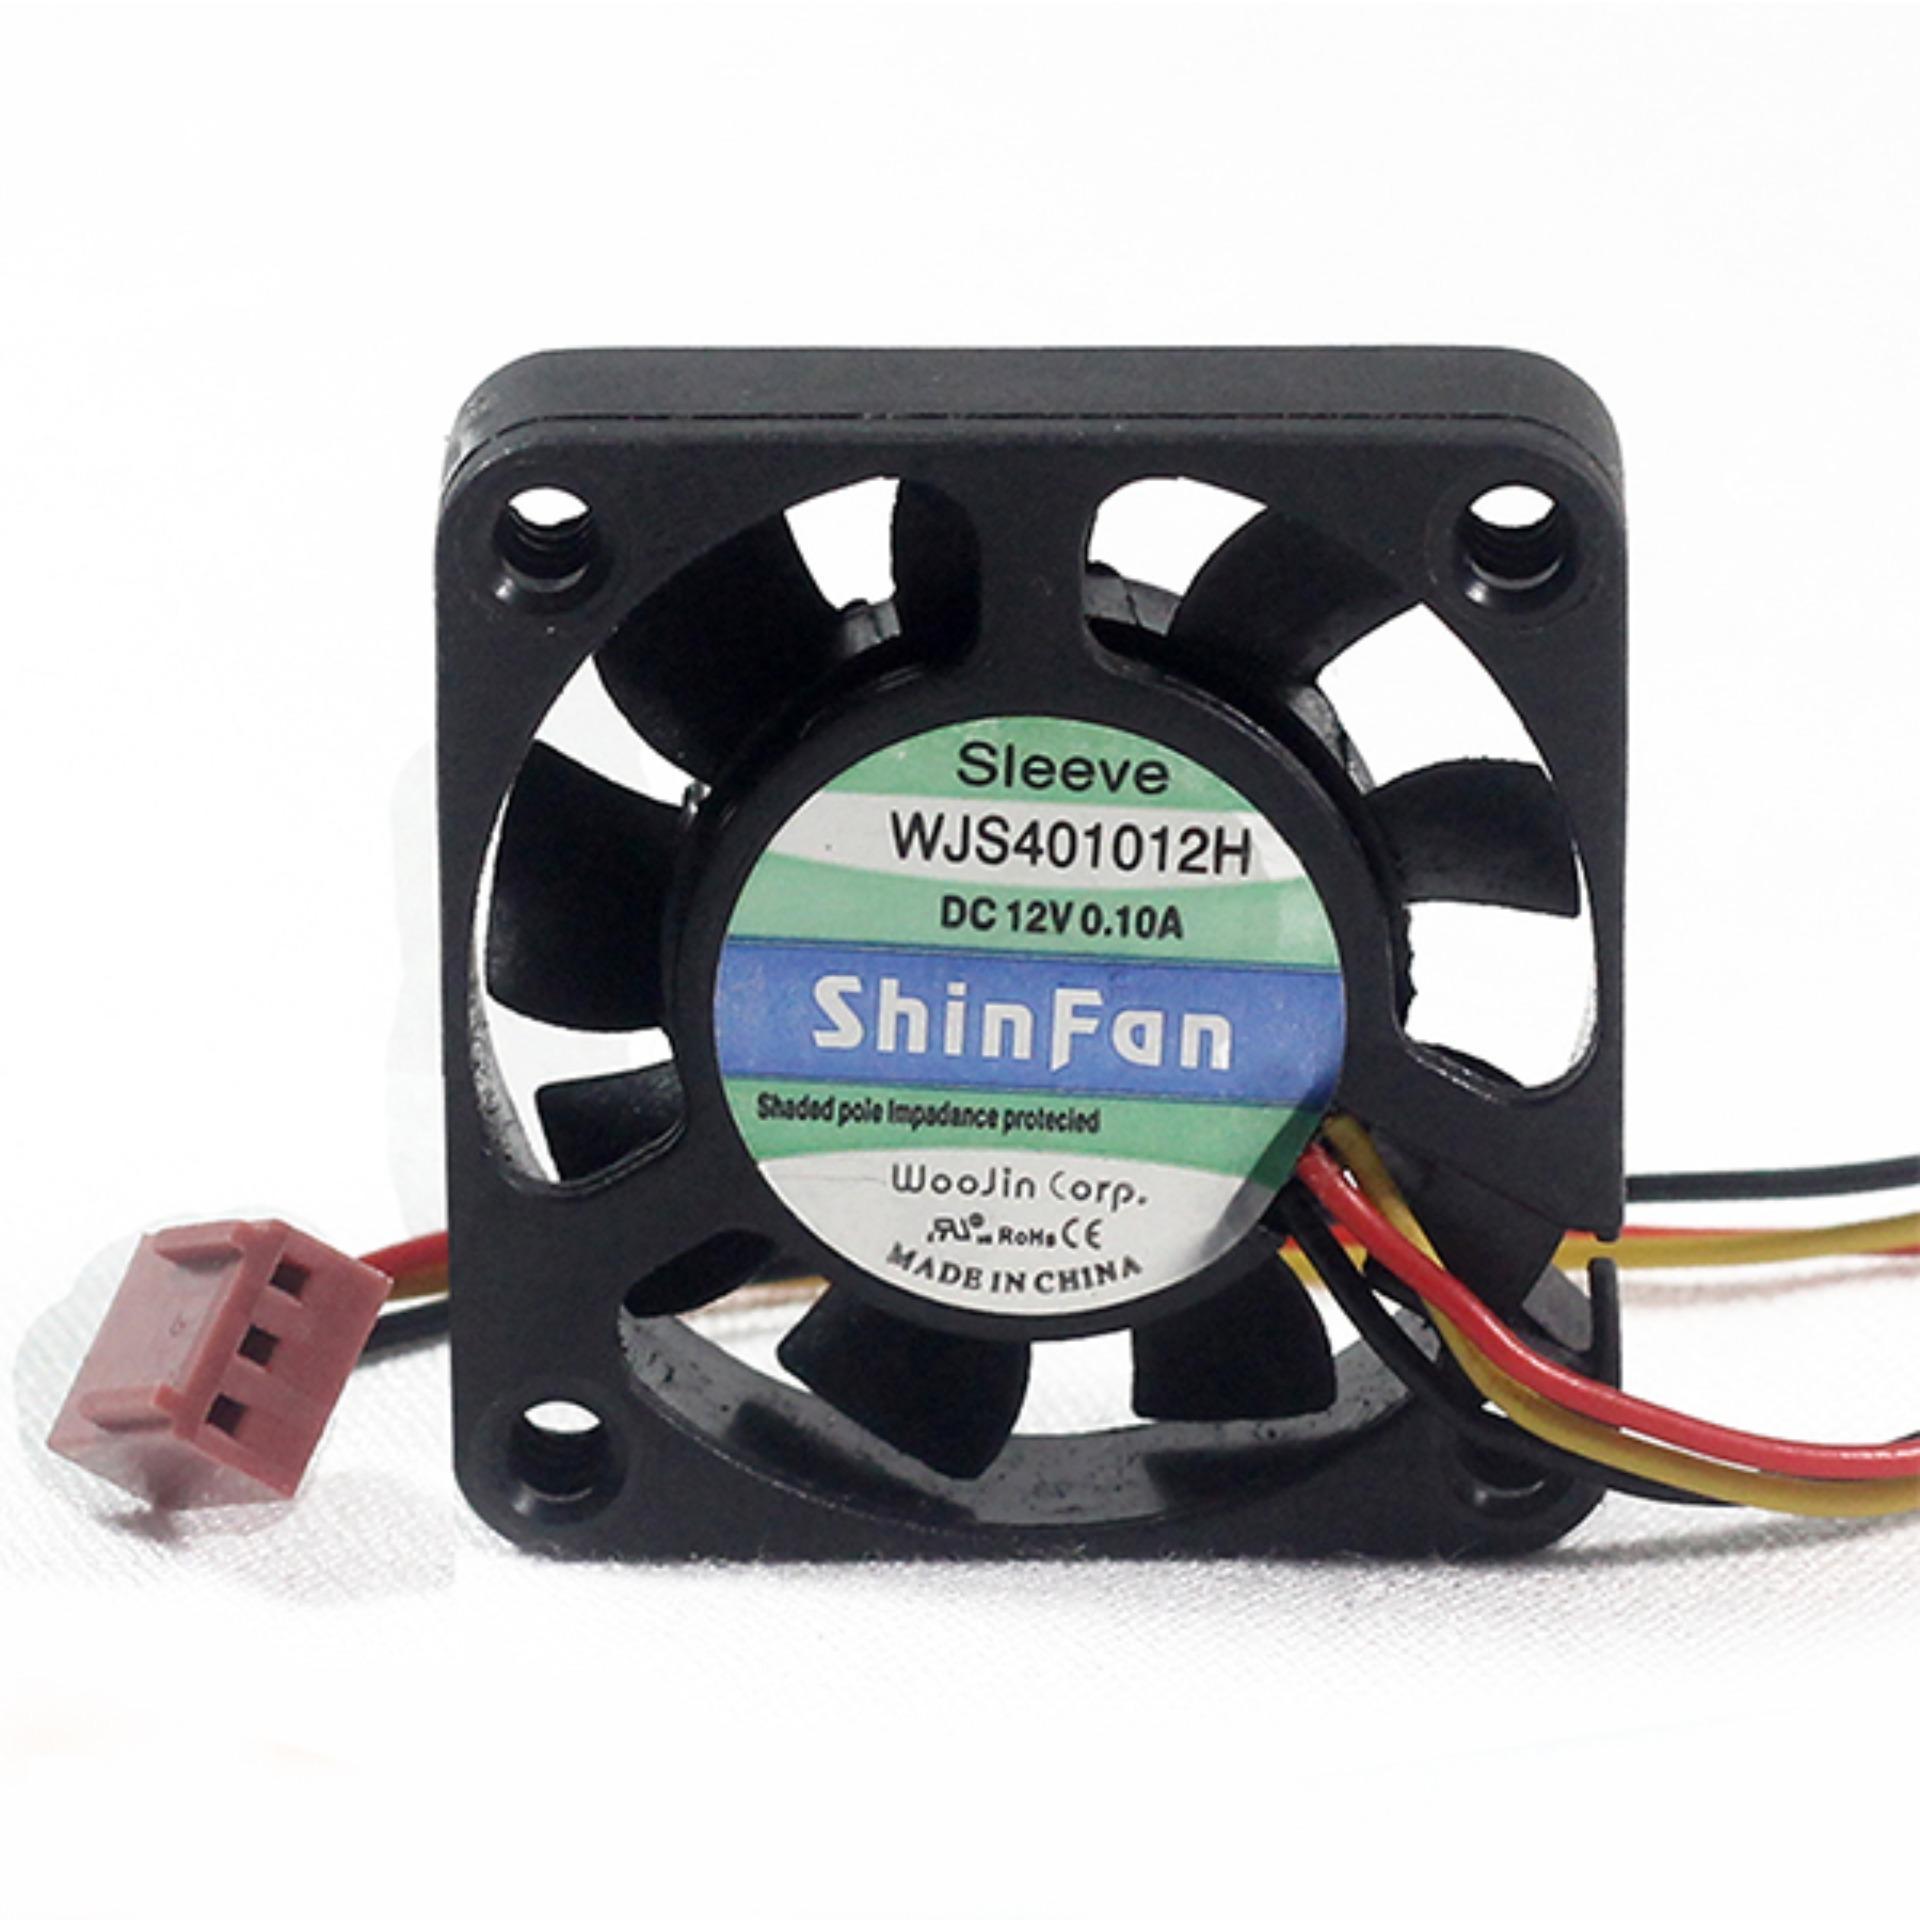 Giá 1 Chiếc Quạt Tản Nhiệt Điều Chỉnh Tốc Độ Shinfan 4x4x1cm 12V WJS401012H